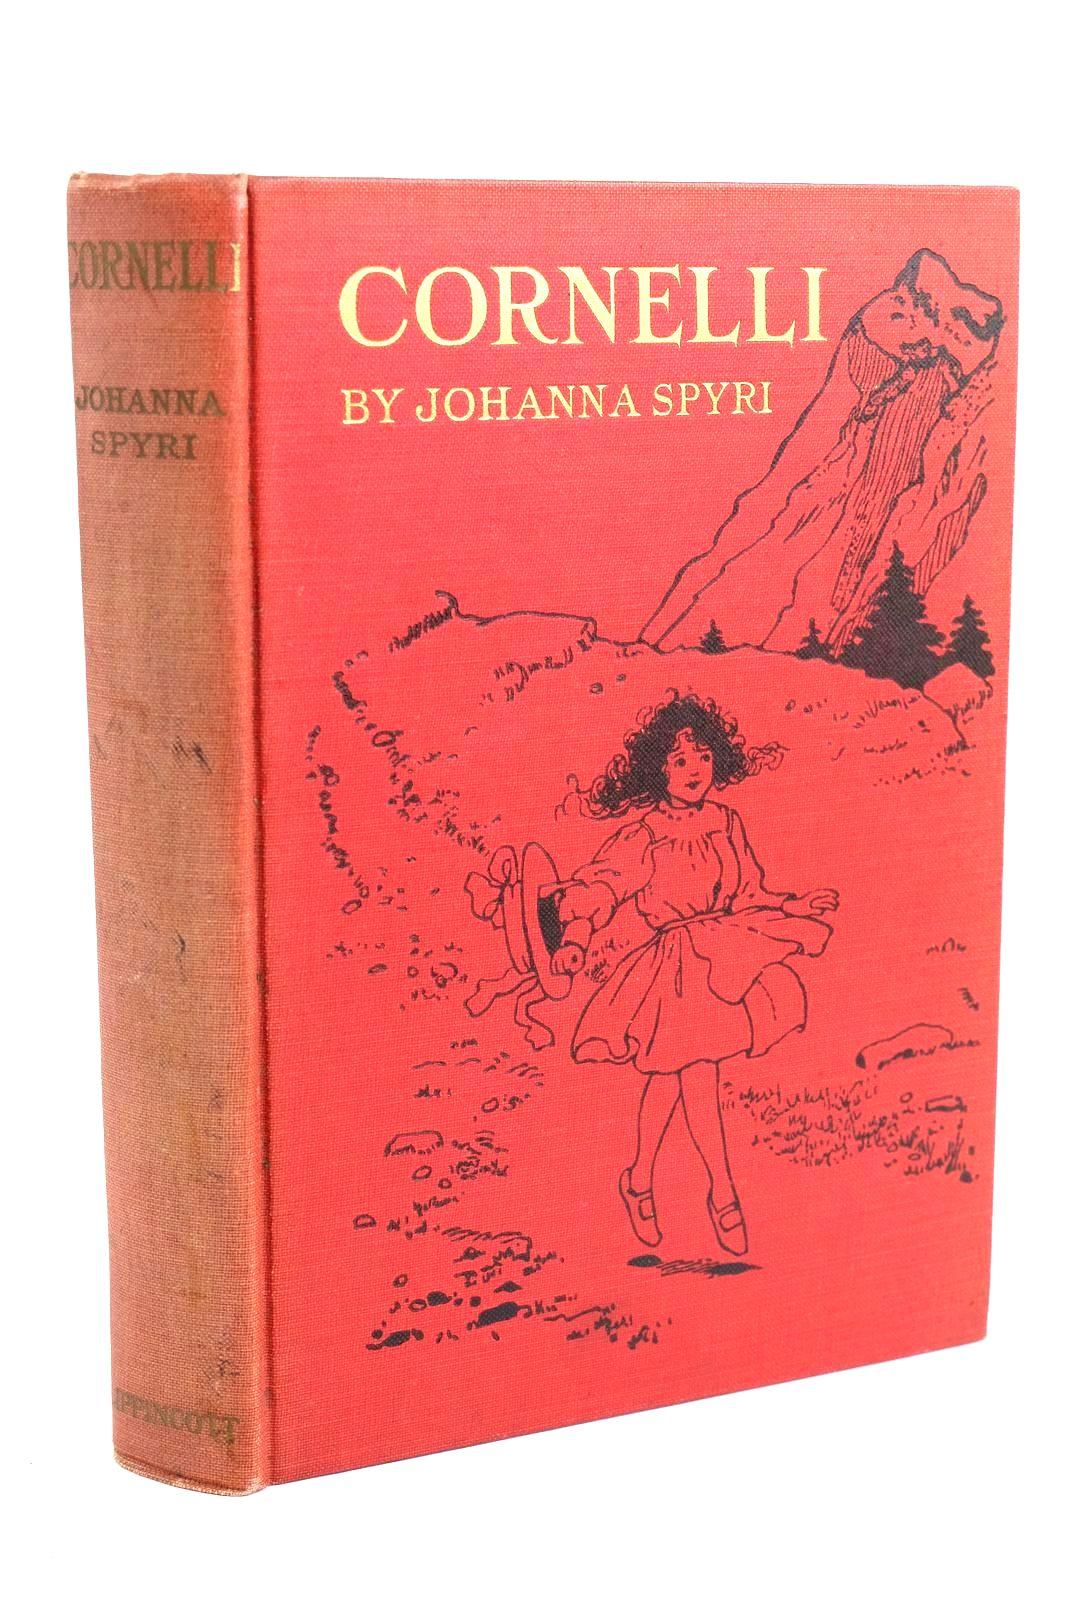 Photo of CORNELLI- Stock Number: 1320461